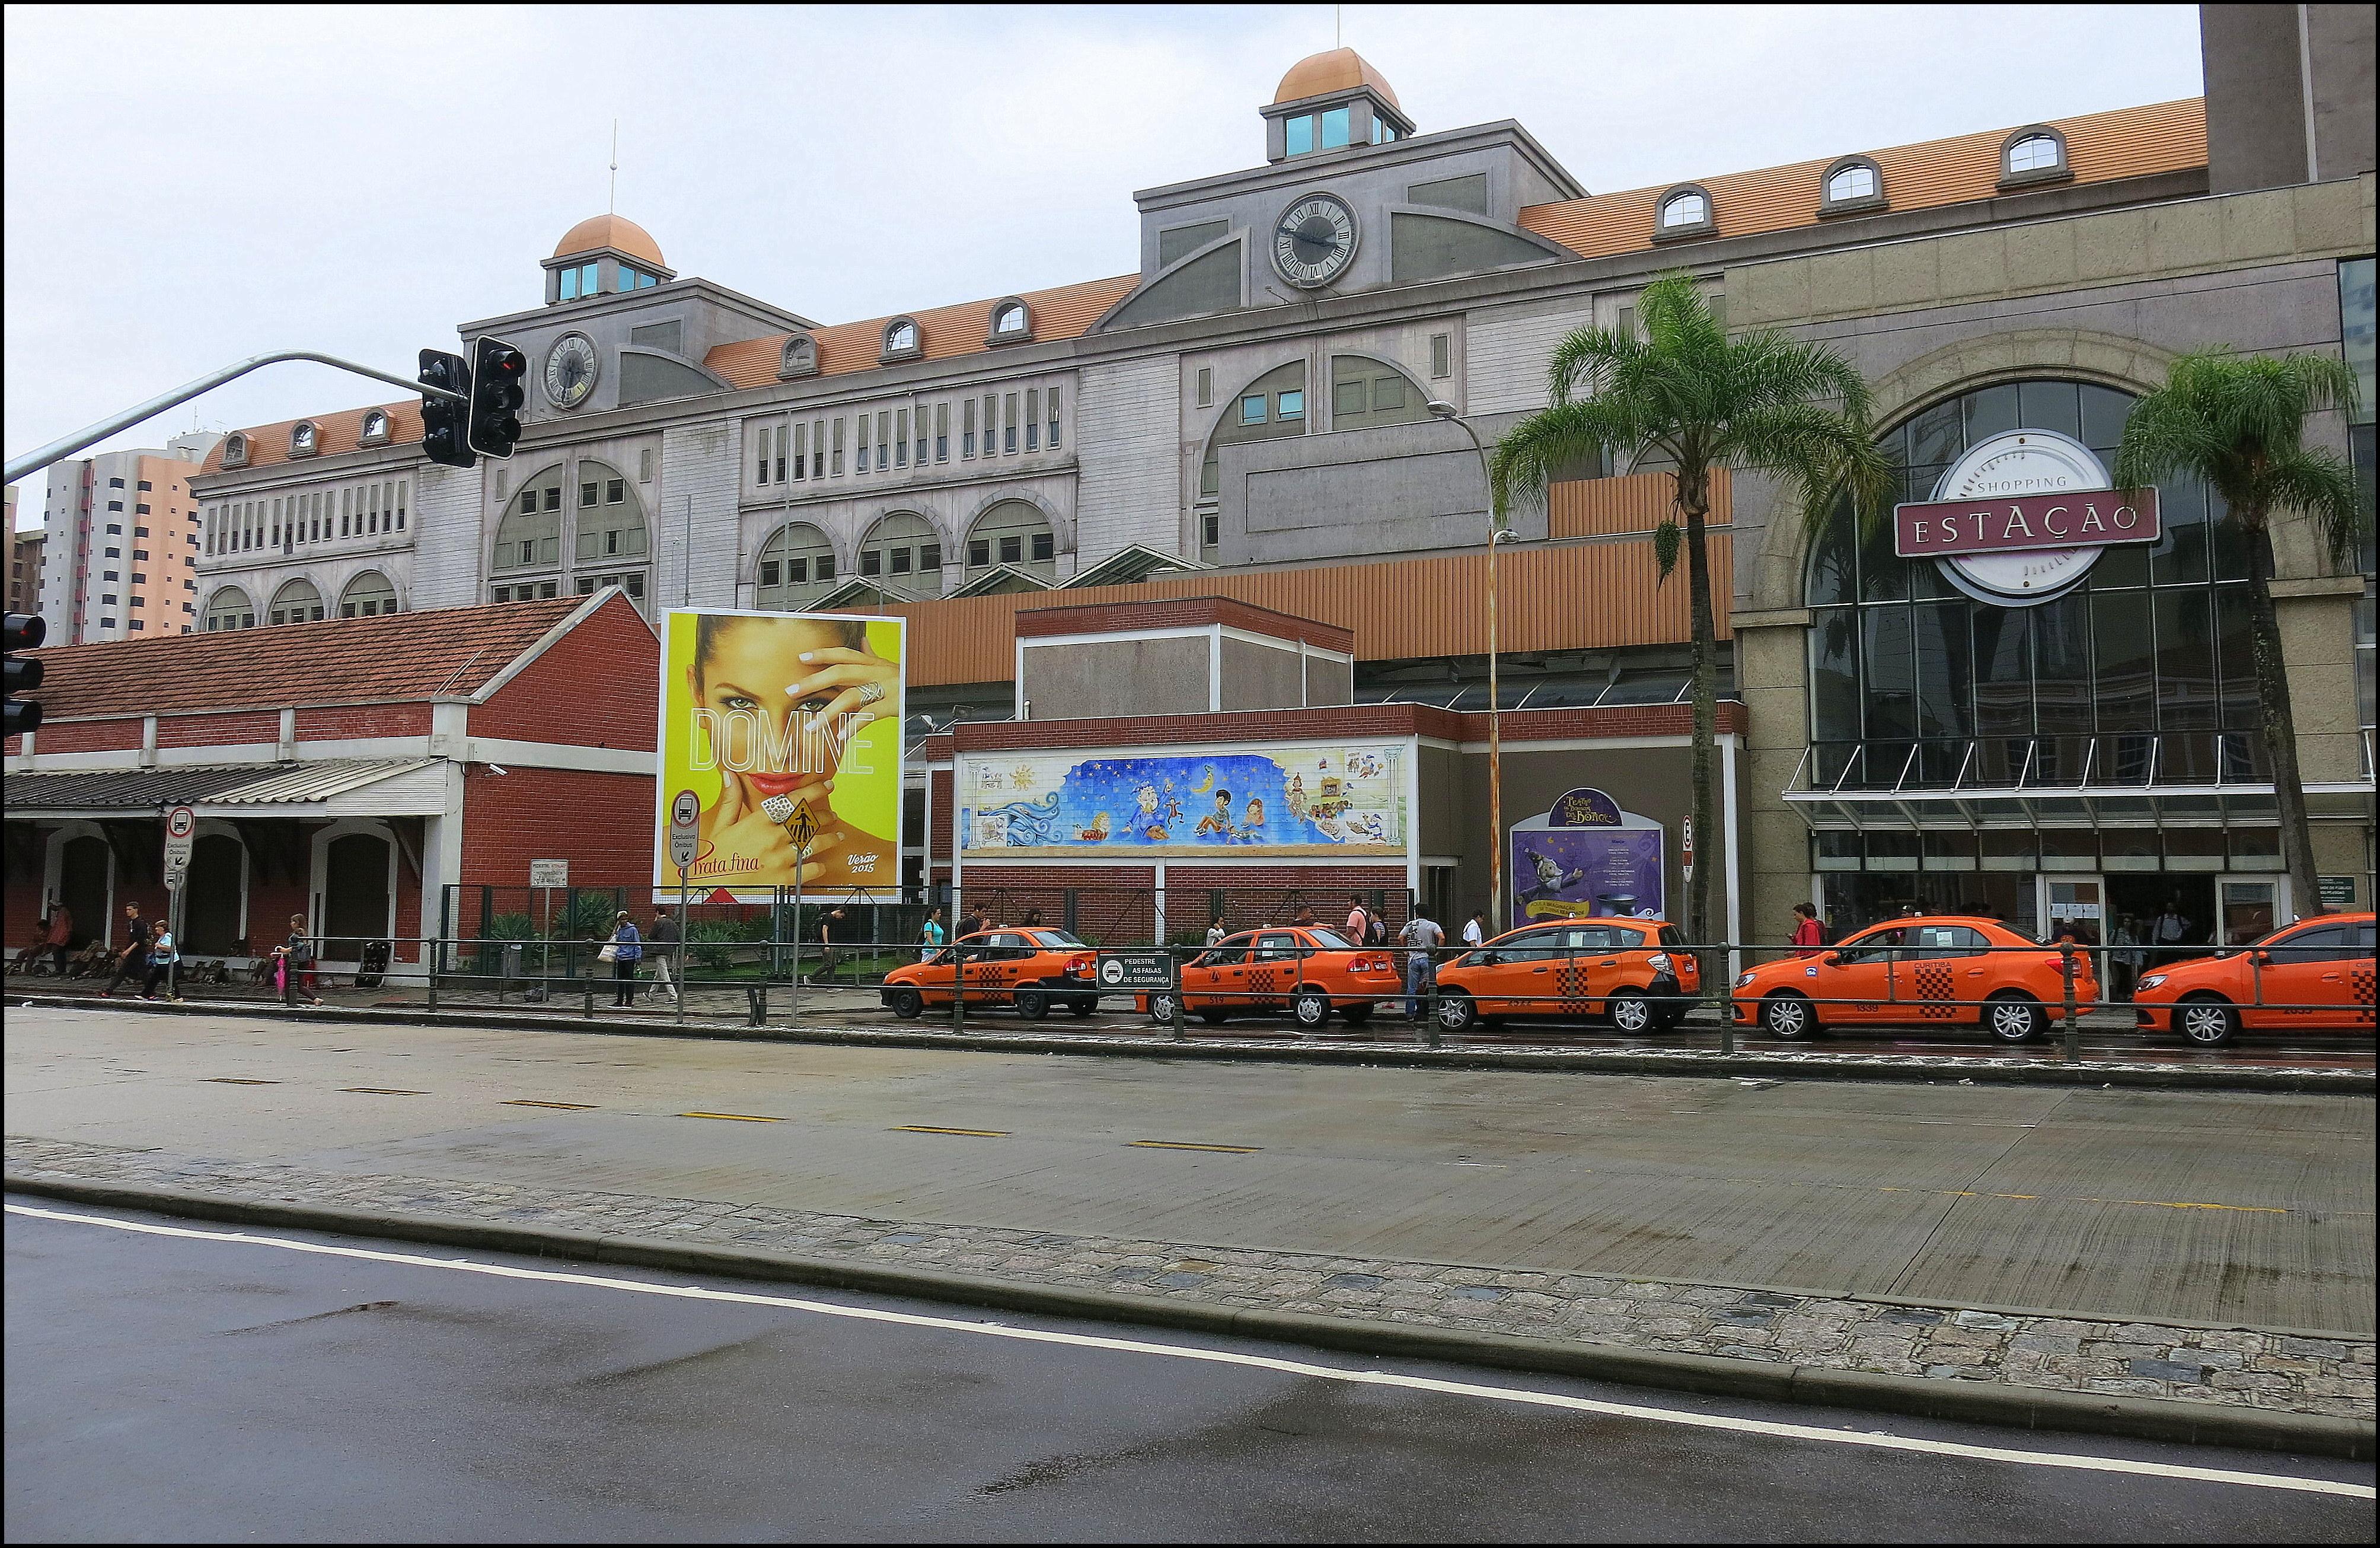 53fb110de Shopping Estação – Wikipédia, a enciclopédia livre